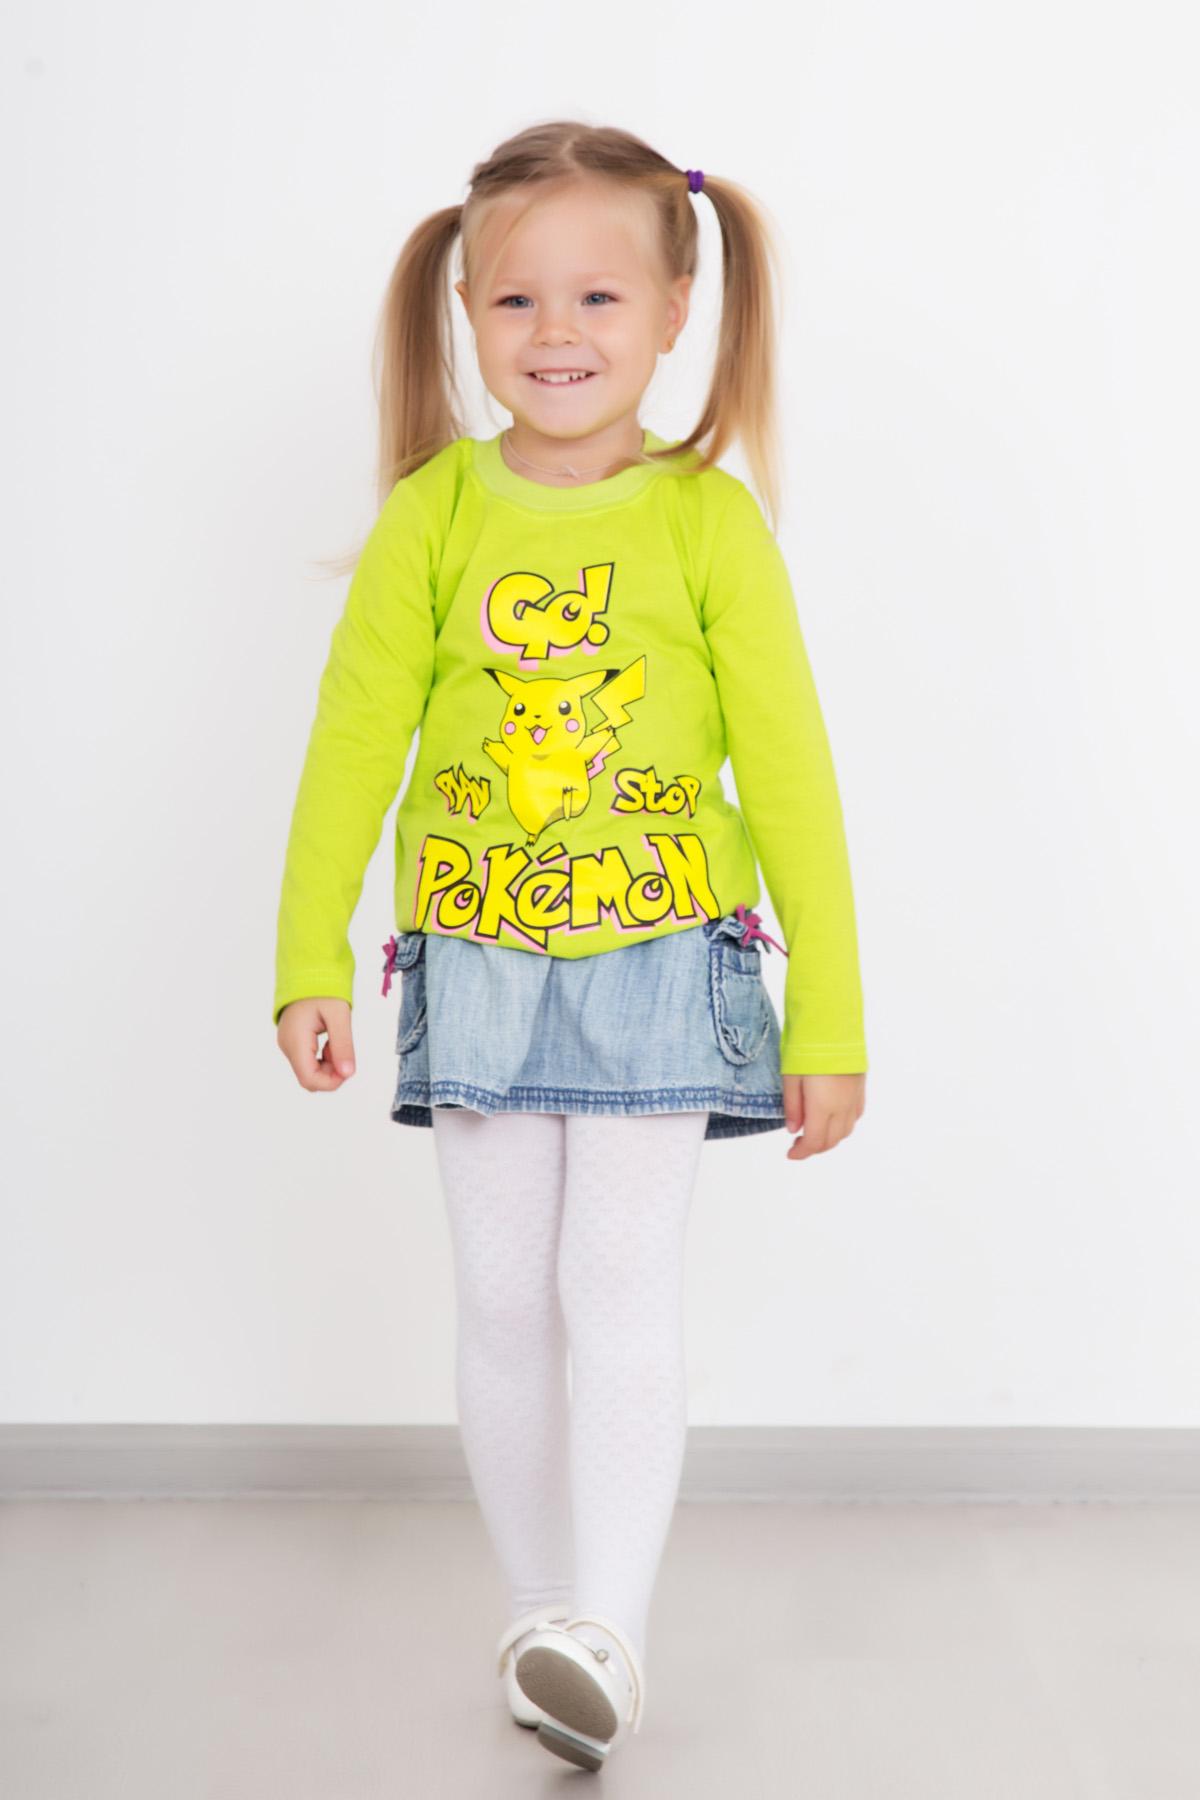 Дет. футболка Покемон Зеленый р. 30Распродажа товаров<br><br><br>Тип: Дет. футболка<br>Размер: 30<br>Материал: Кулирка